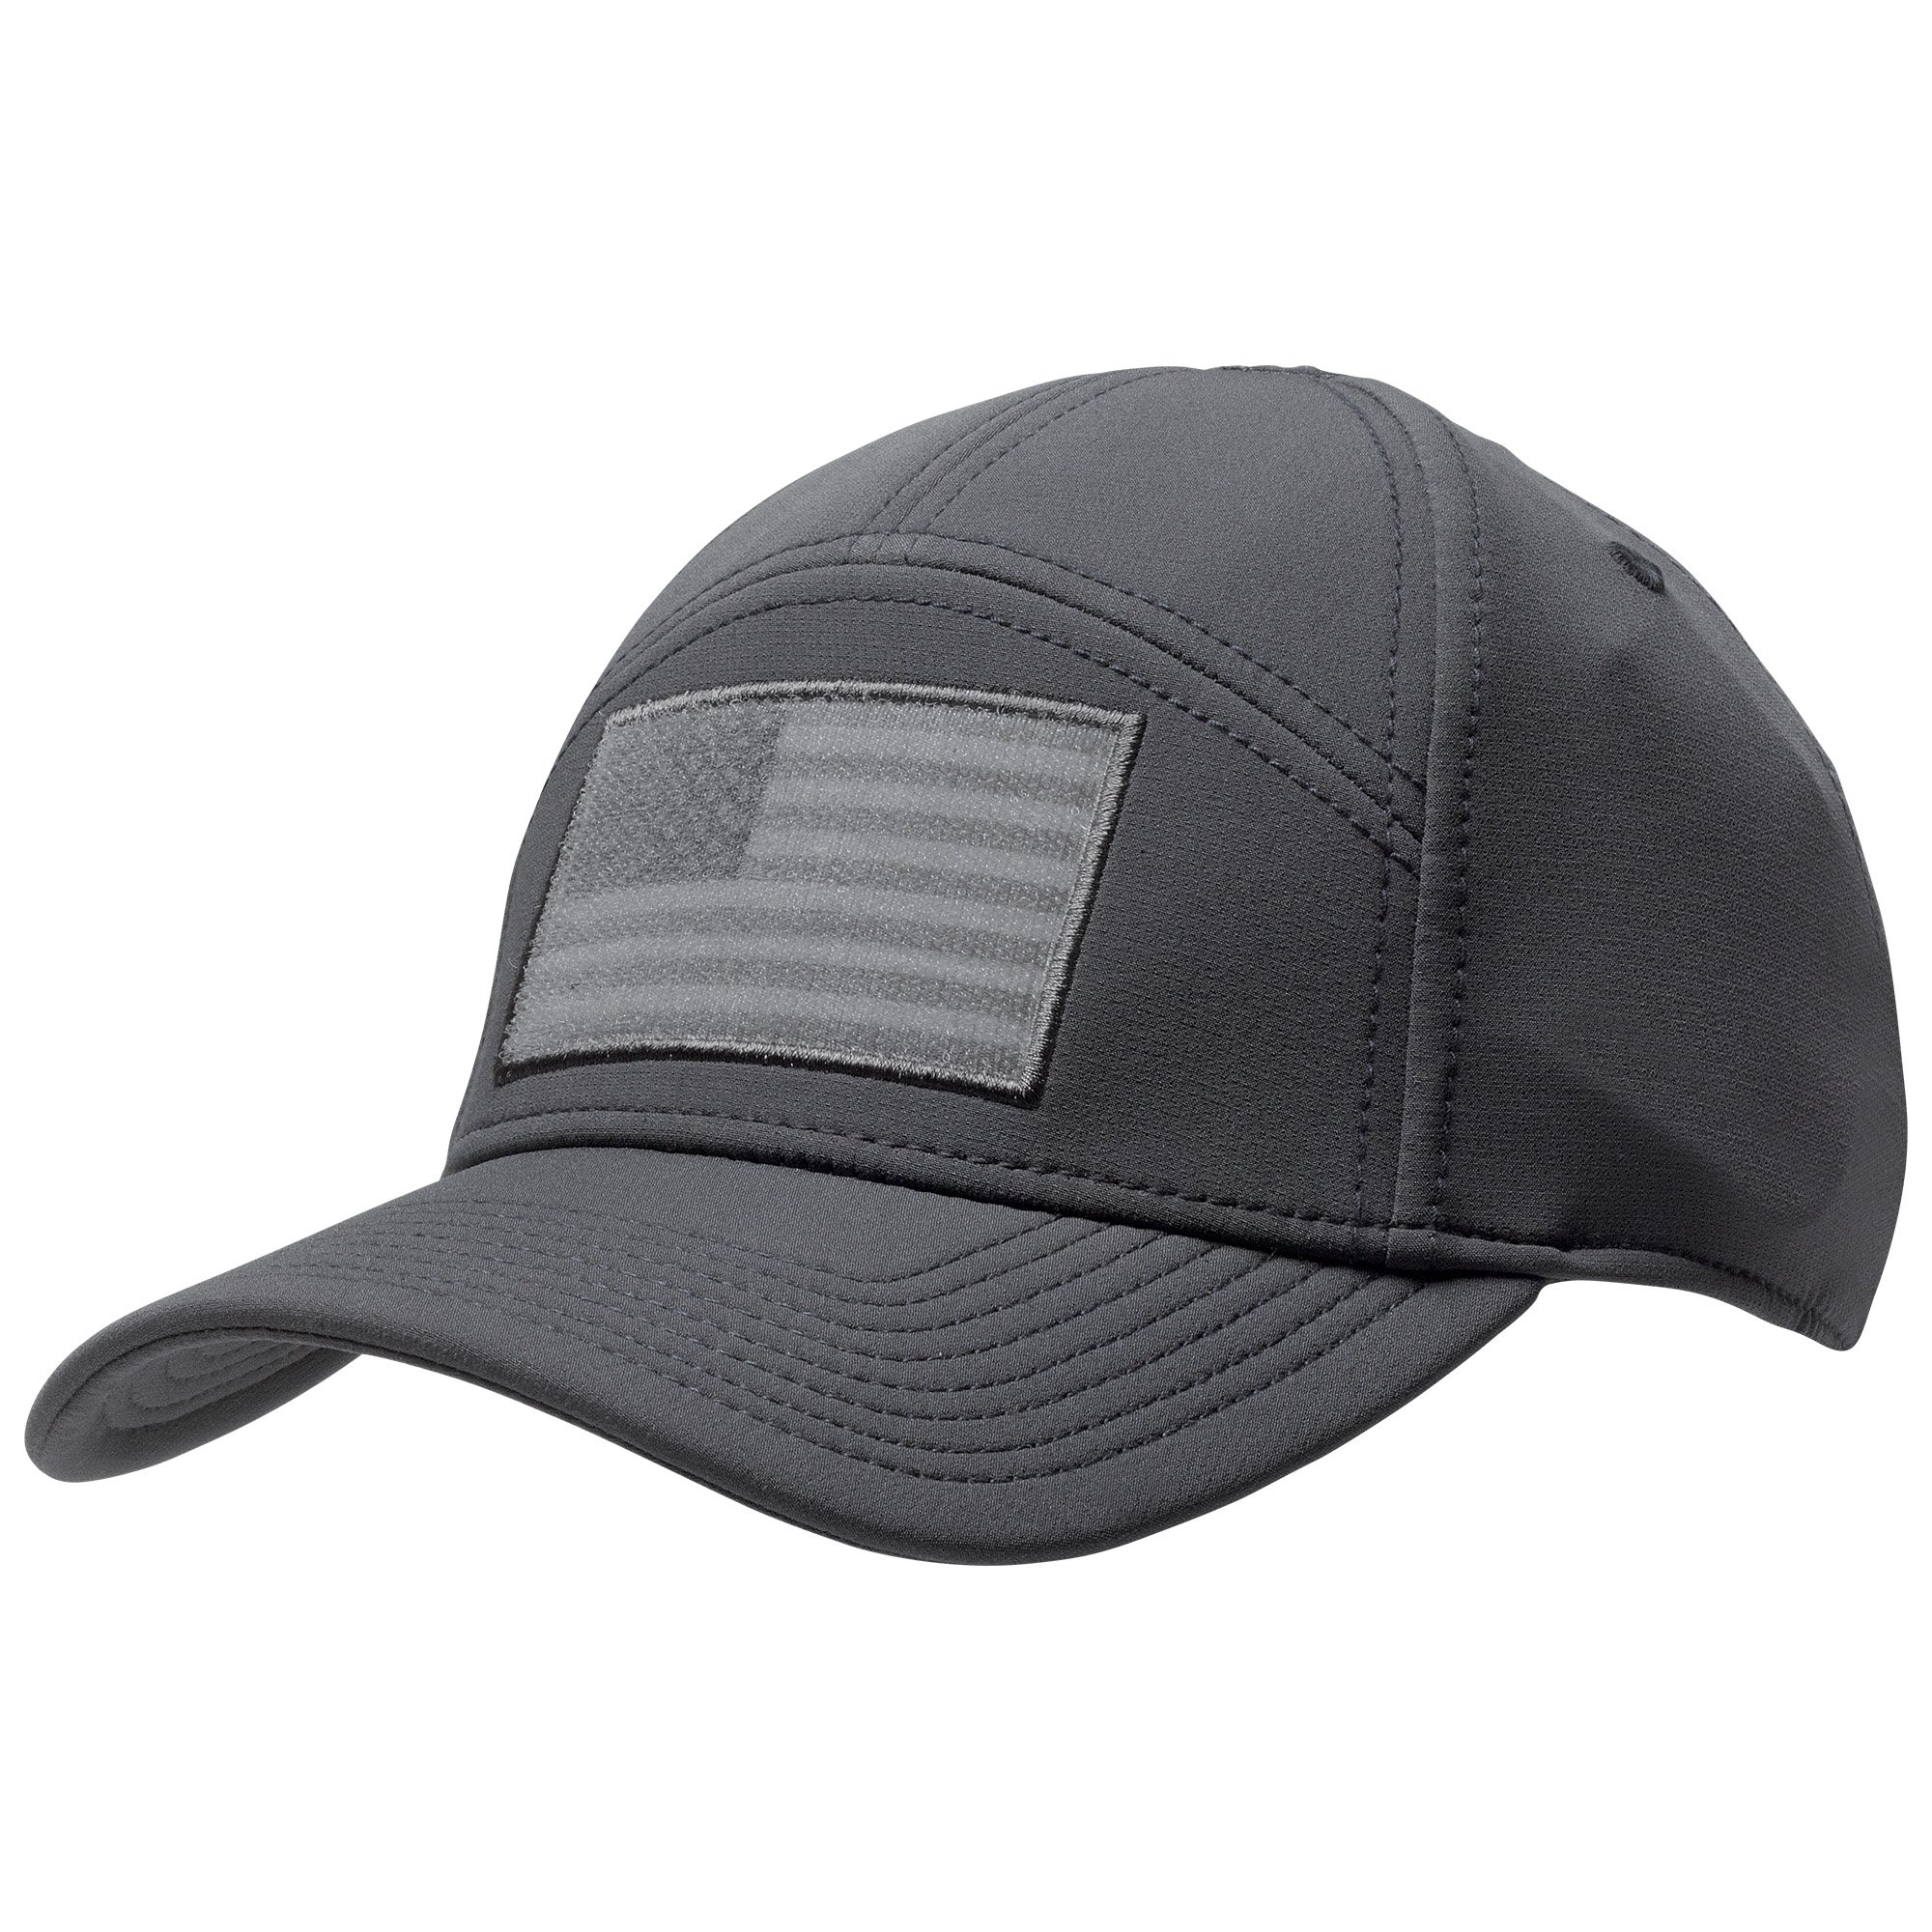 Nón 5.11 Tactical OPERATOR 2.0 A-FLEX CAP – Storm